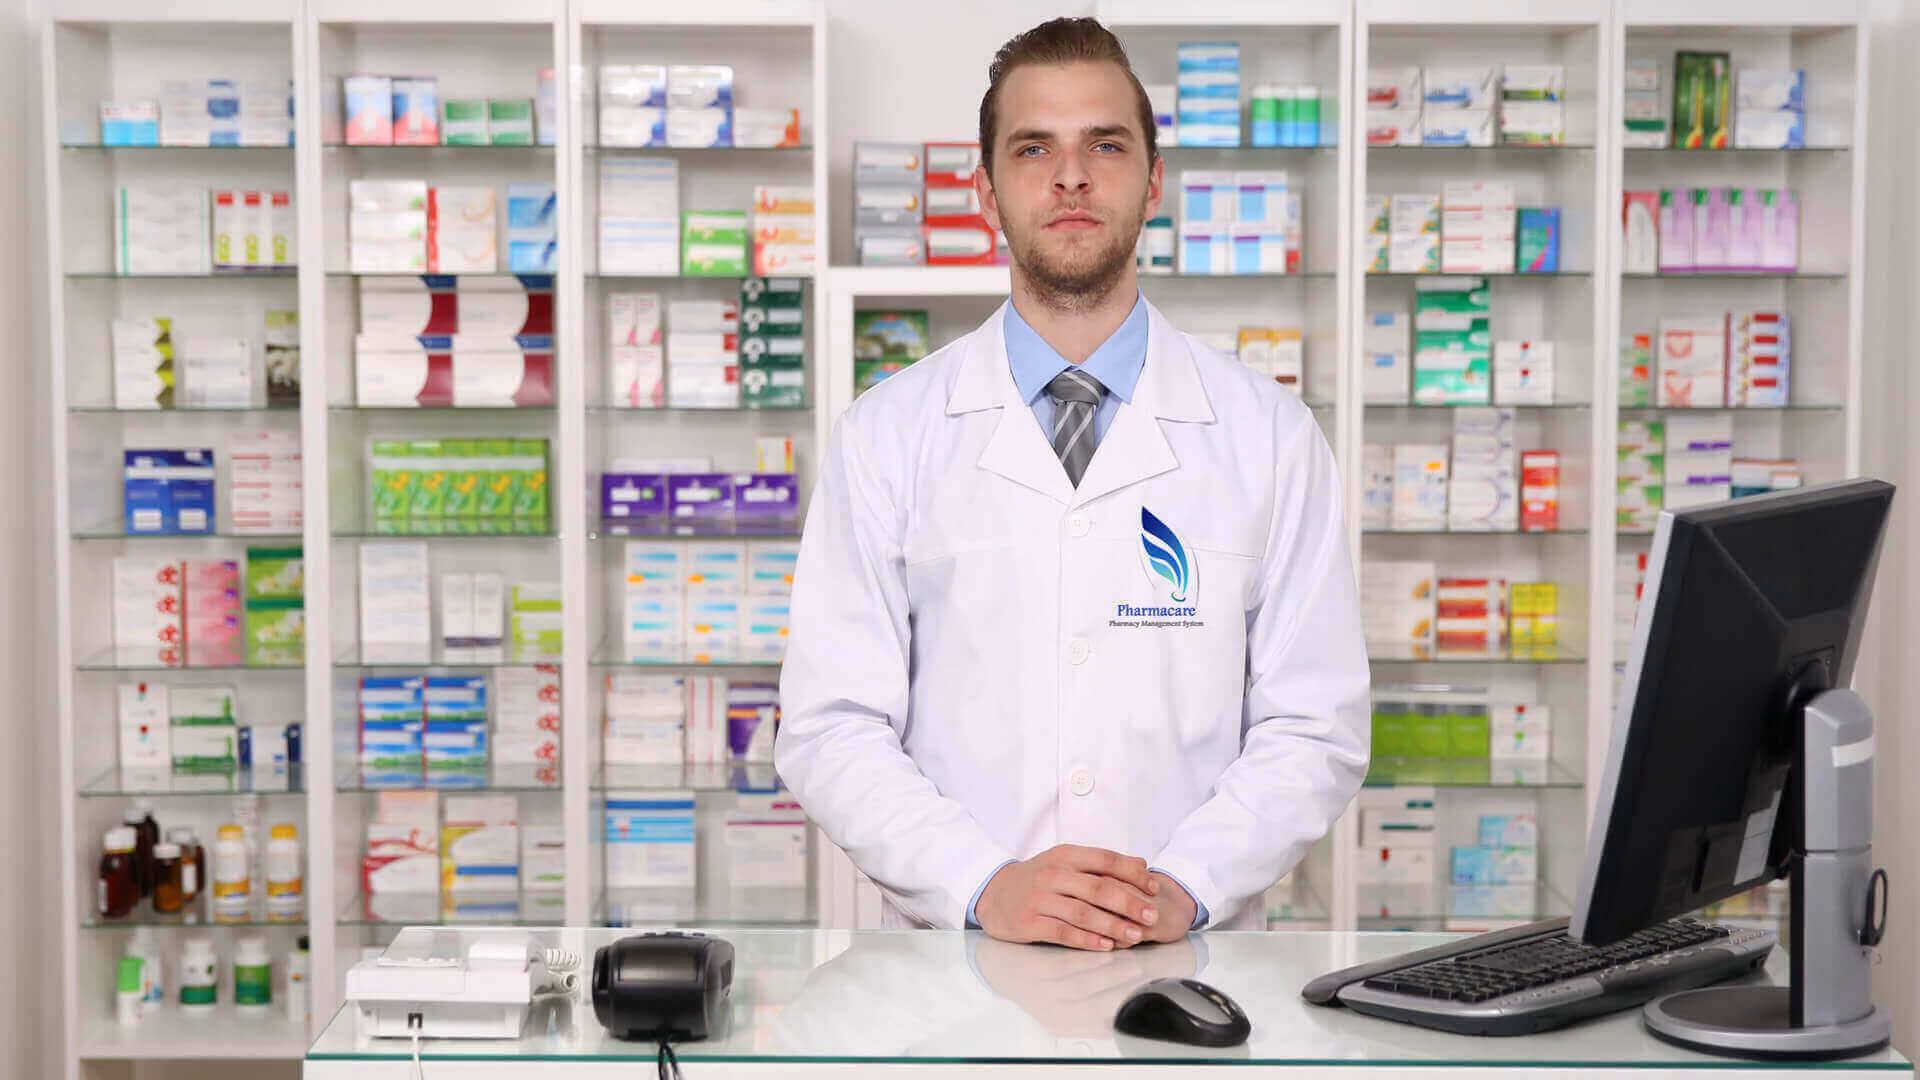 شروط ترخيص صيدلية في المملكة العربية السعودية